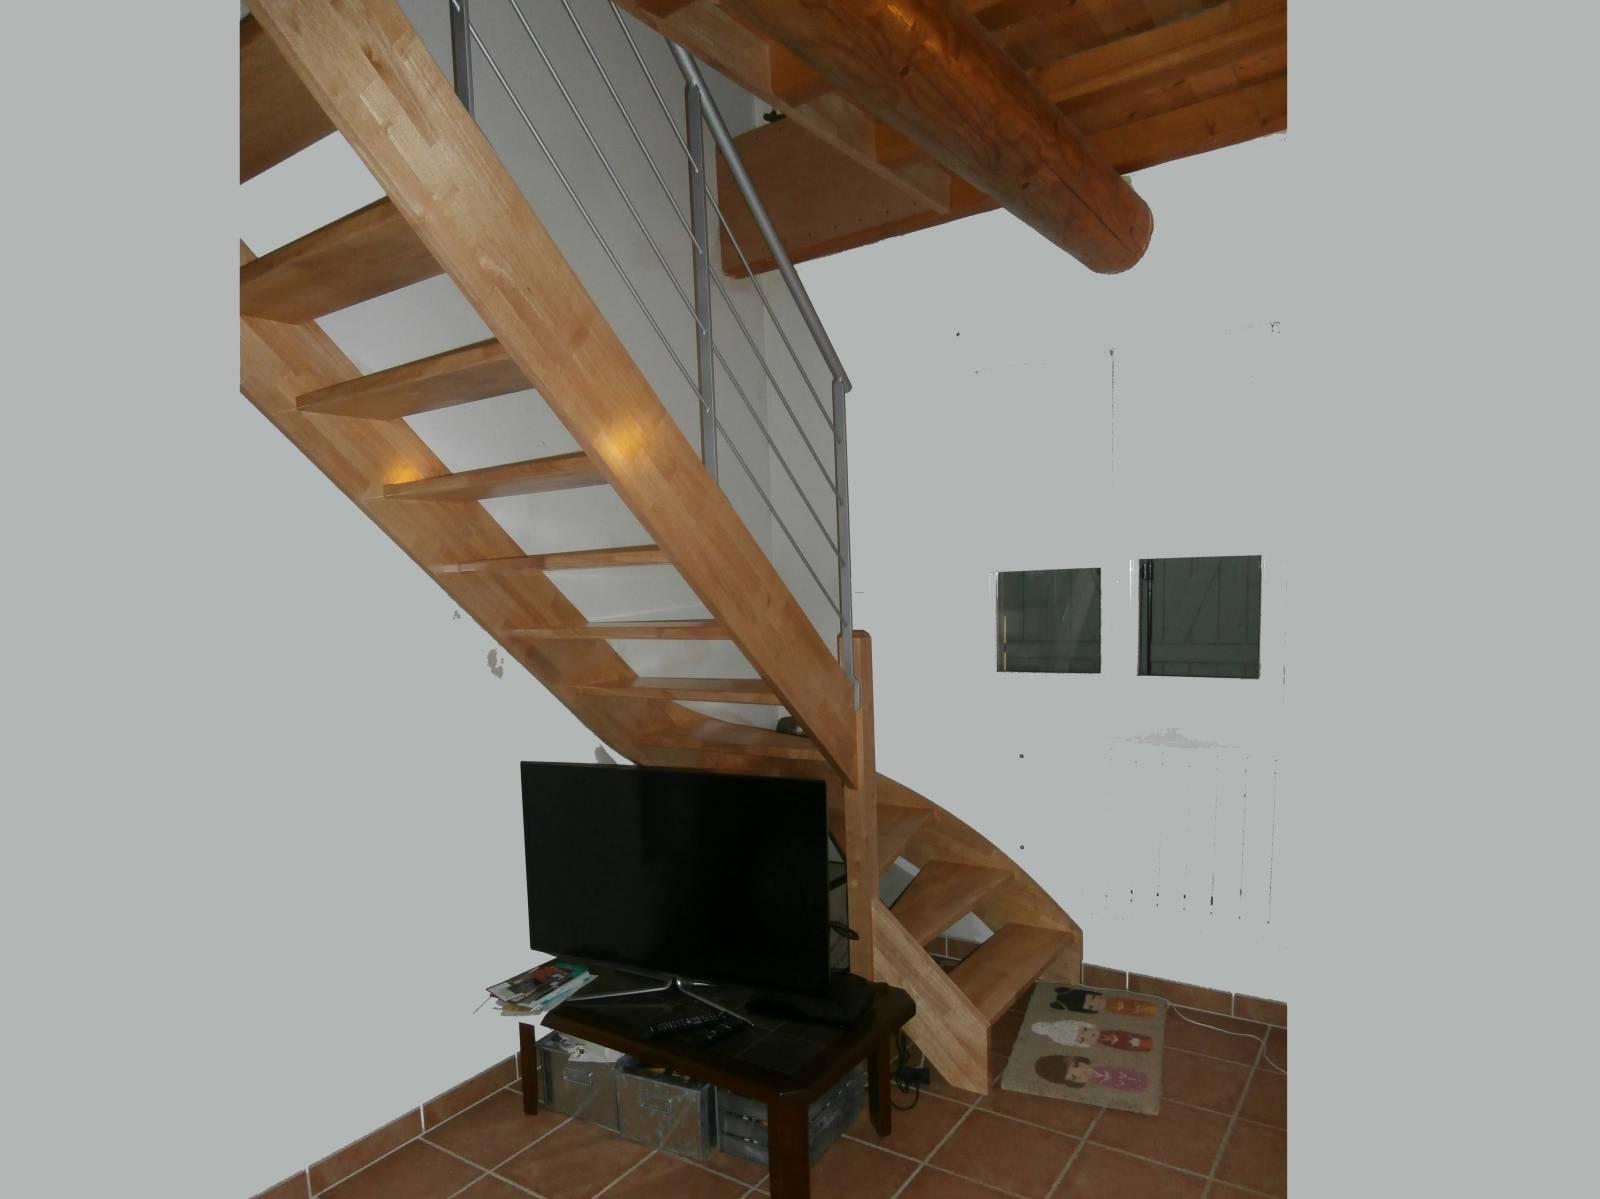 escalier un quart tournant en h v a sans contremarche atelier des escaliers aubaret. Black Bedroom Furniture Sets. Home Design Ideas